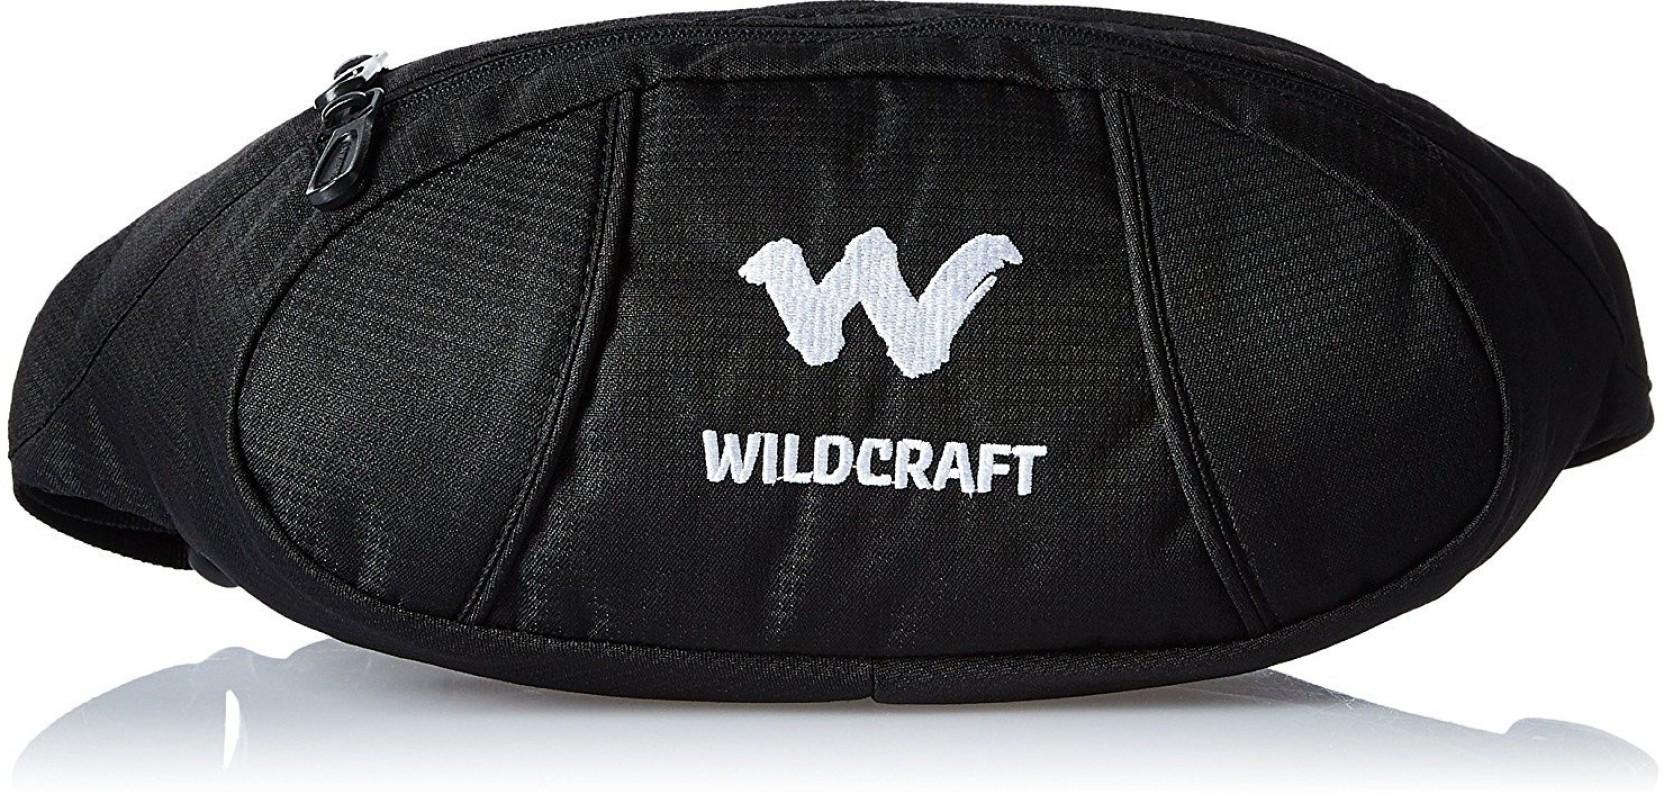 Wildcraft Waist Bag Black - Price in India | Flipkart com